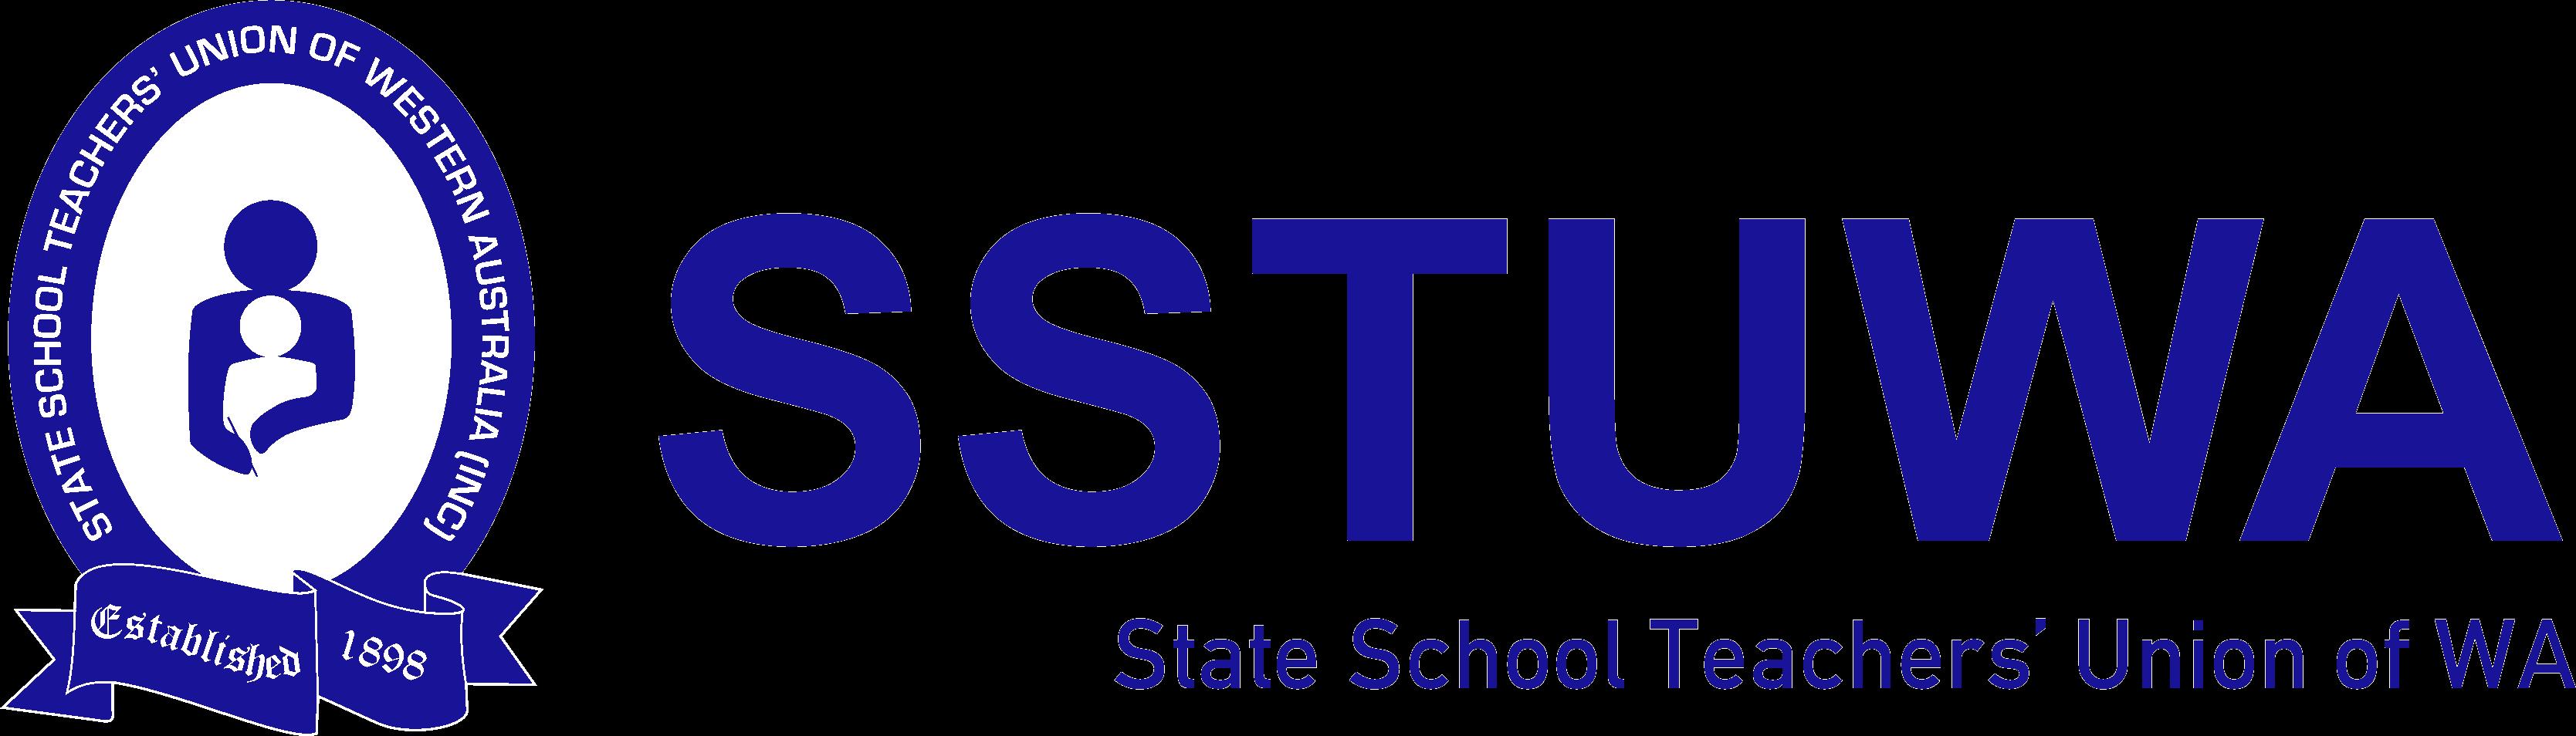 SSTUWA_logo_as_at_Oct_16.png